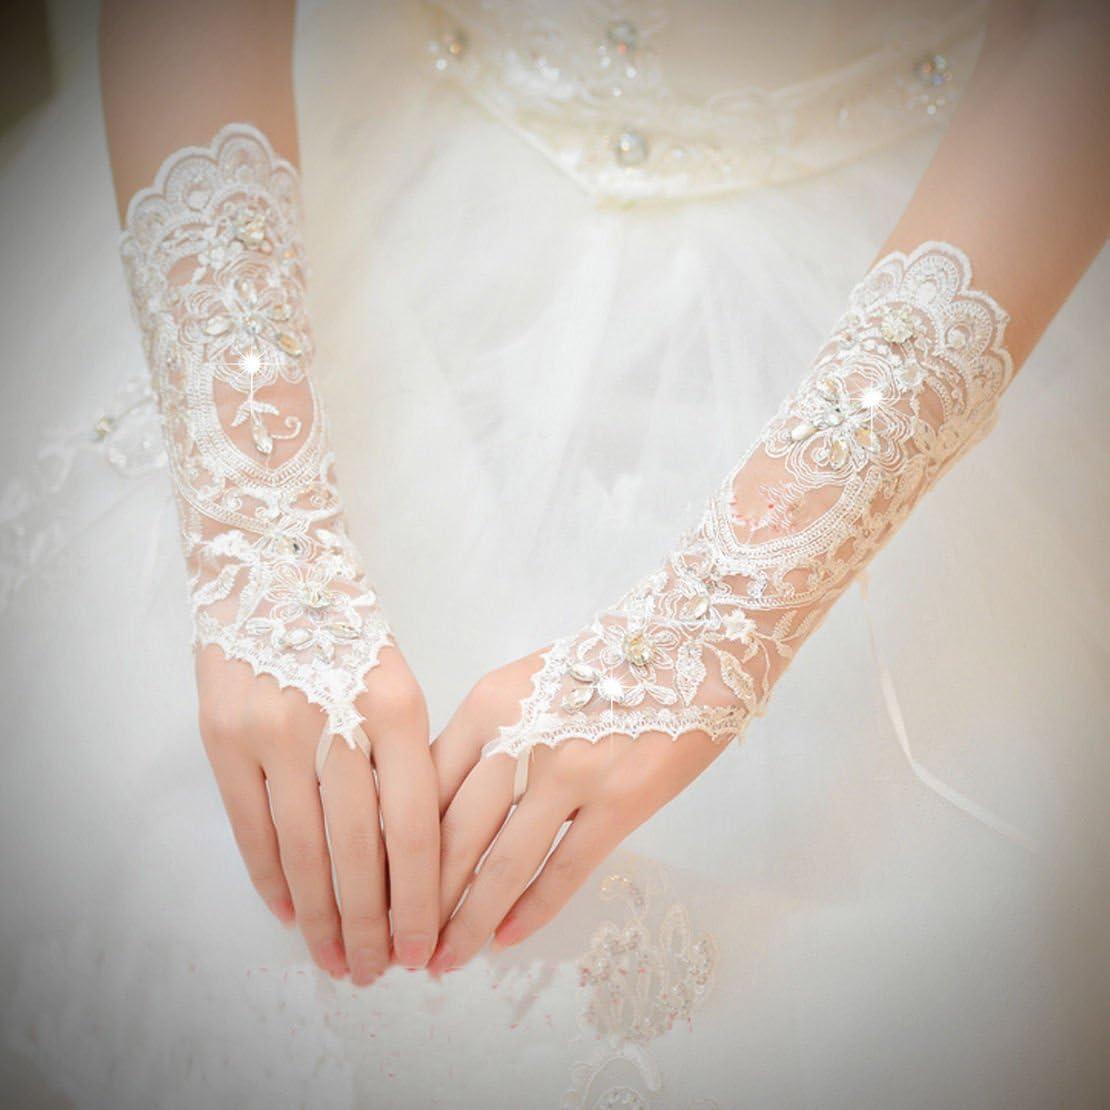 Femme Unbekannt Gants de mariage